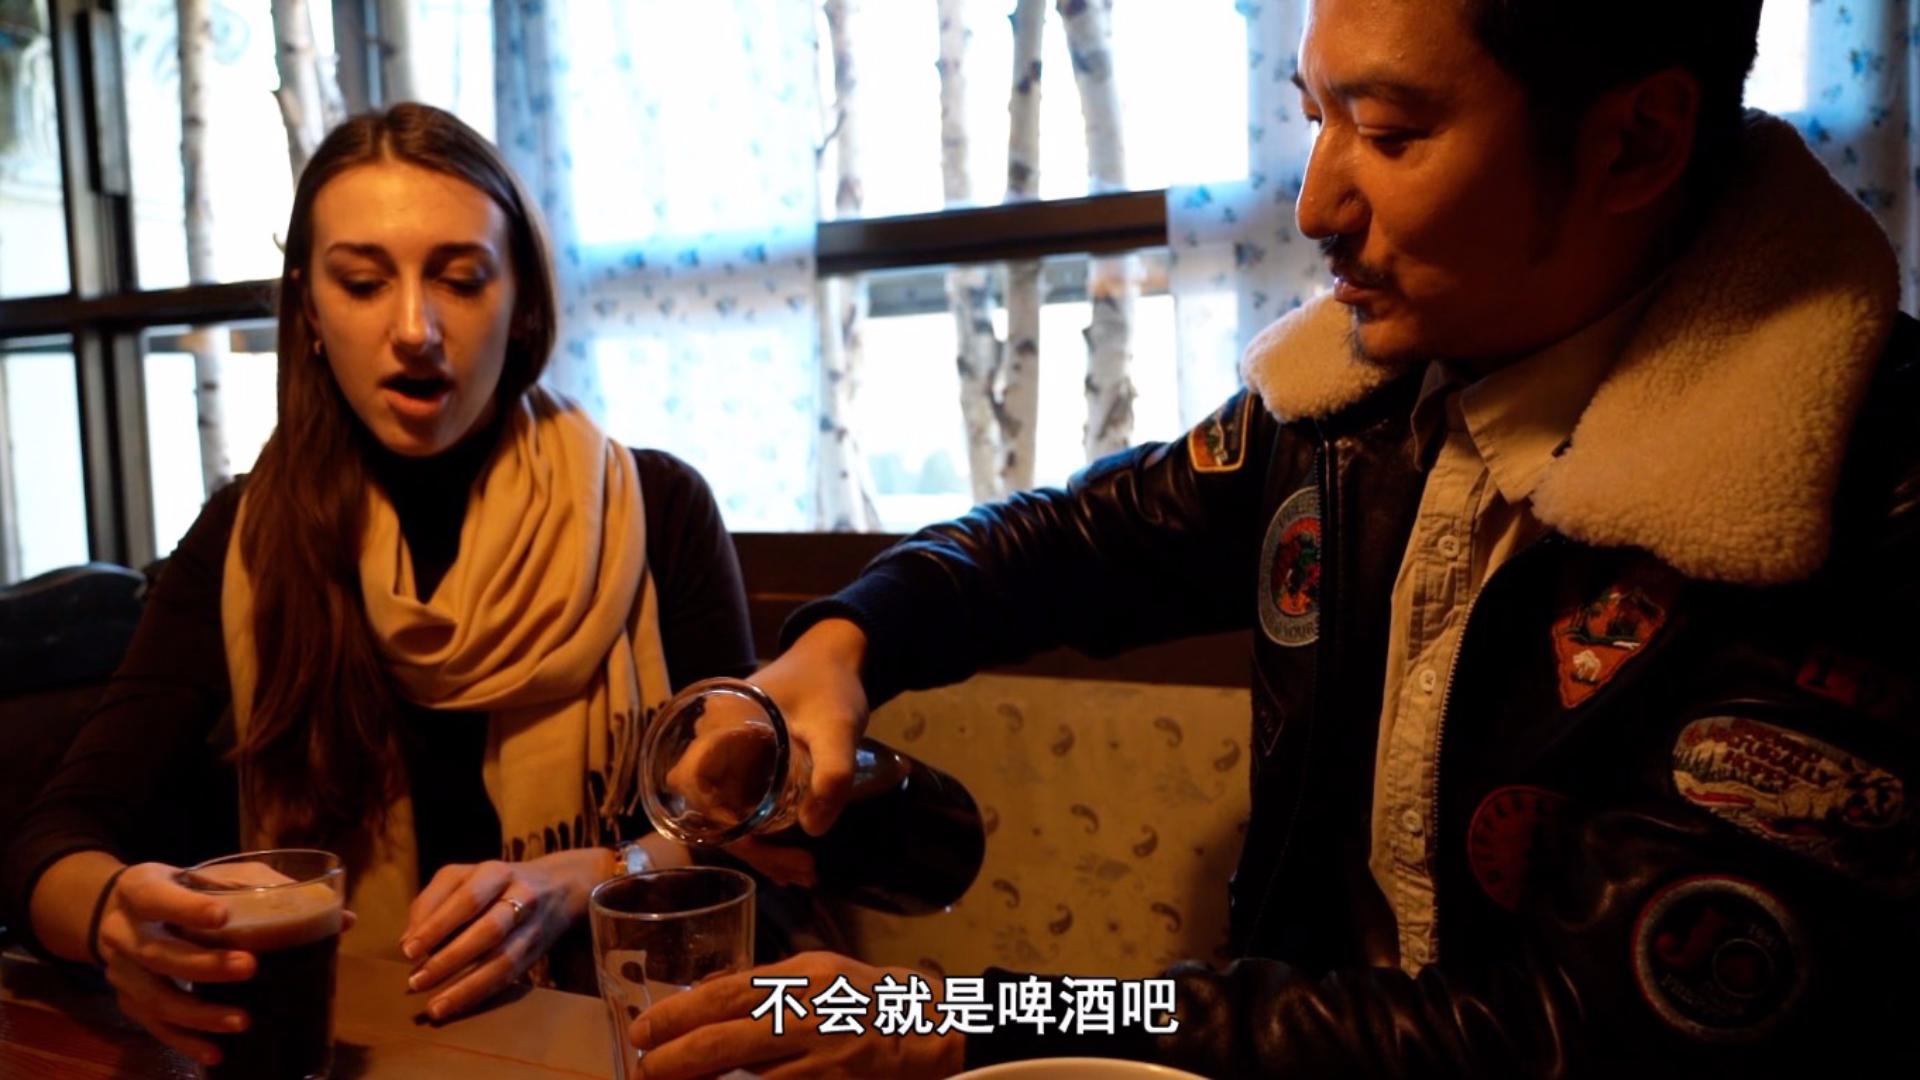 约会白俄罗斯学中文的女孩,羡慕中国生活便利,直言嫁到中国是首选